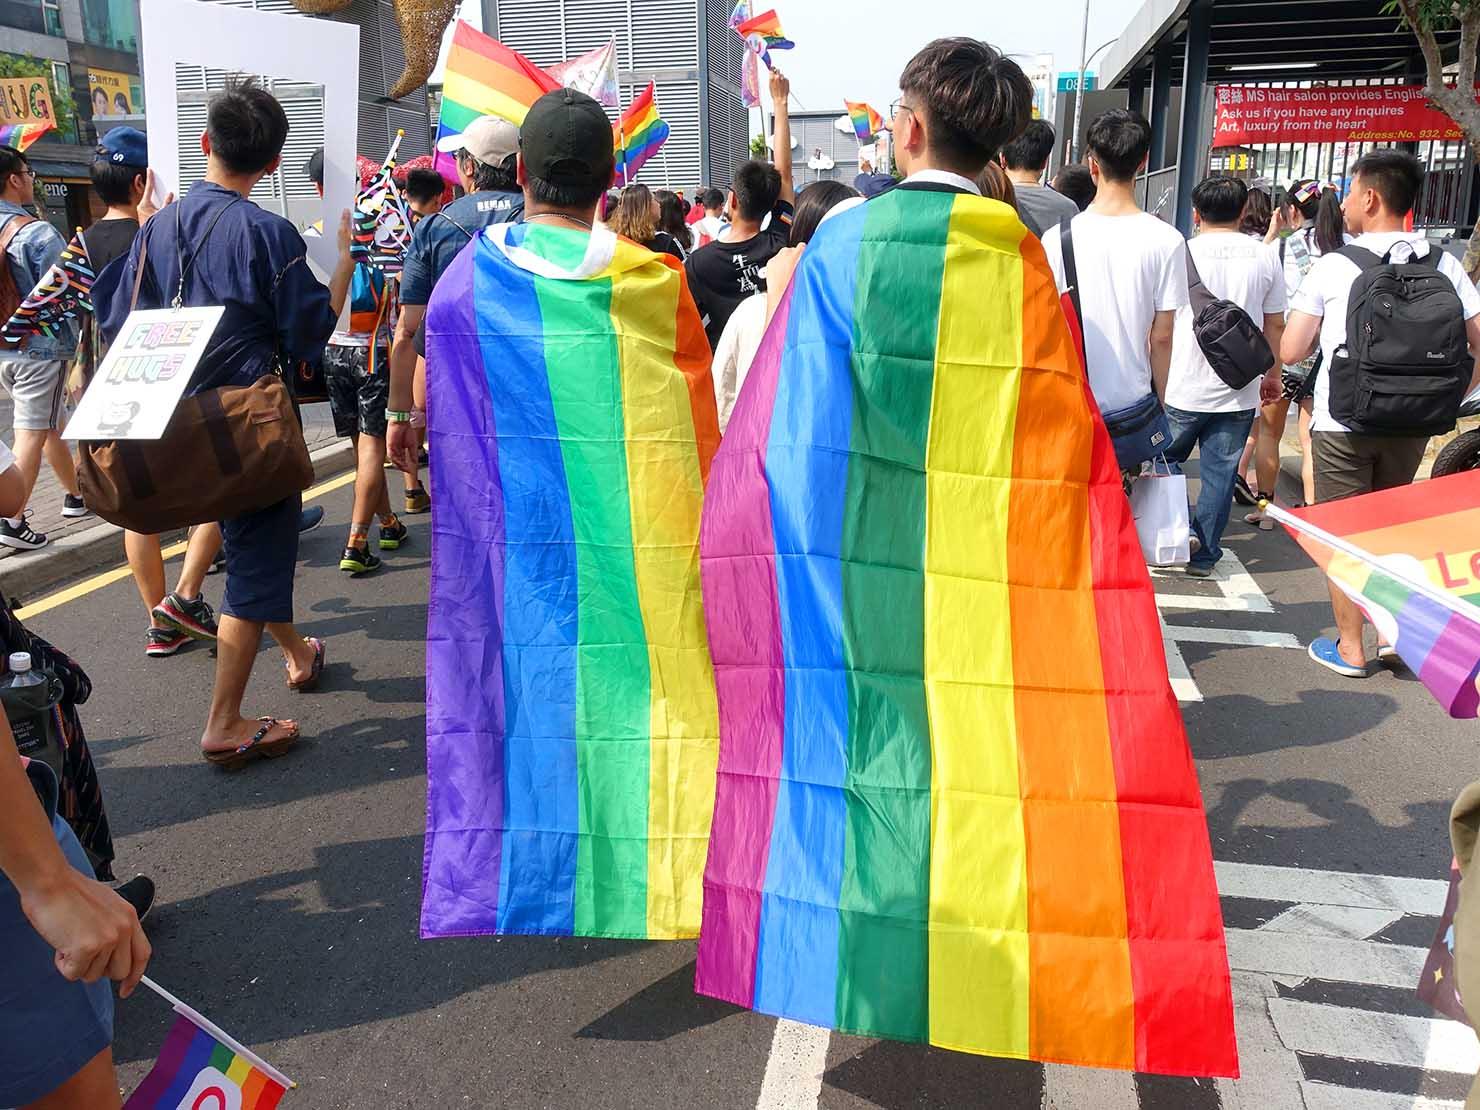 台南彩虹遊行(台南レインボーパレード)2019のパレードをレインボーフラッグを纏って歩く参加者